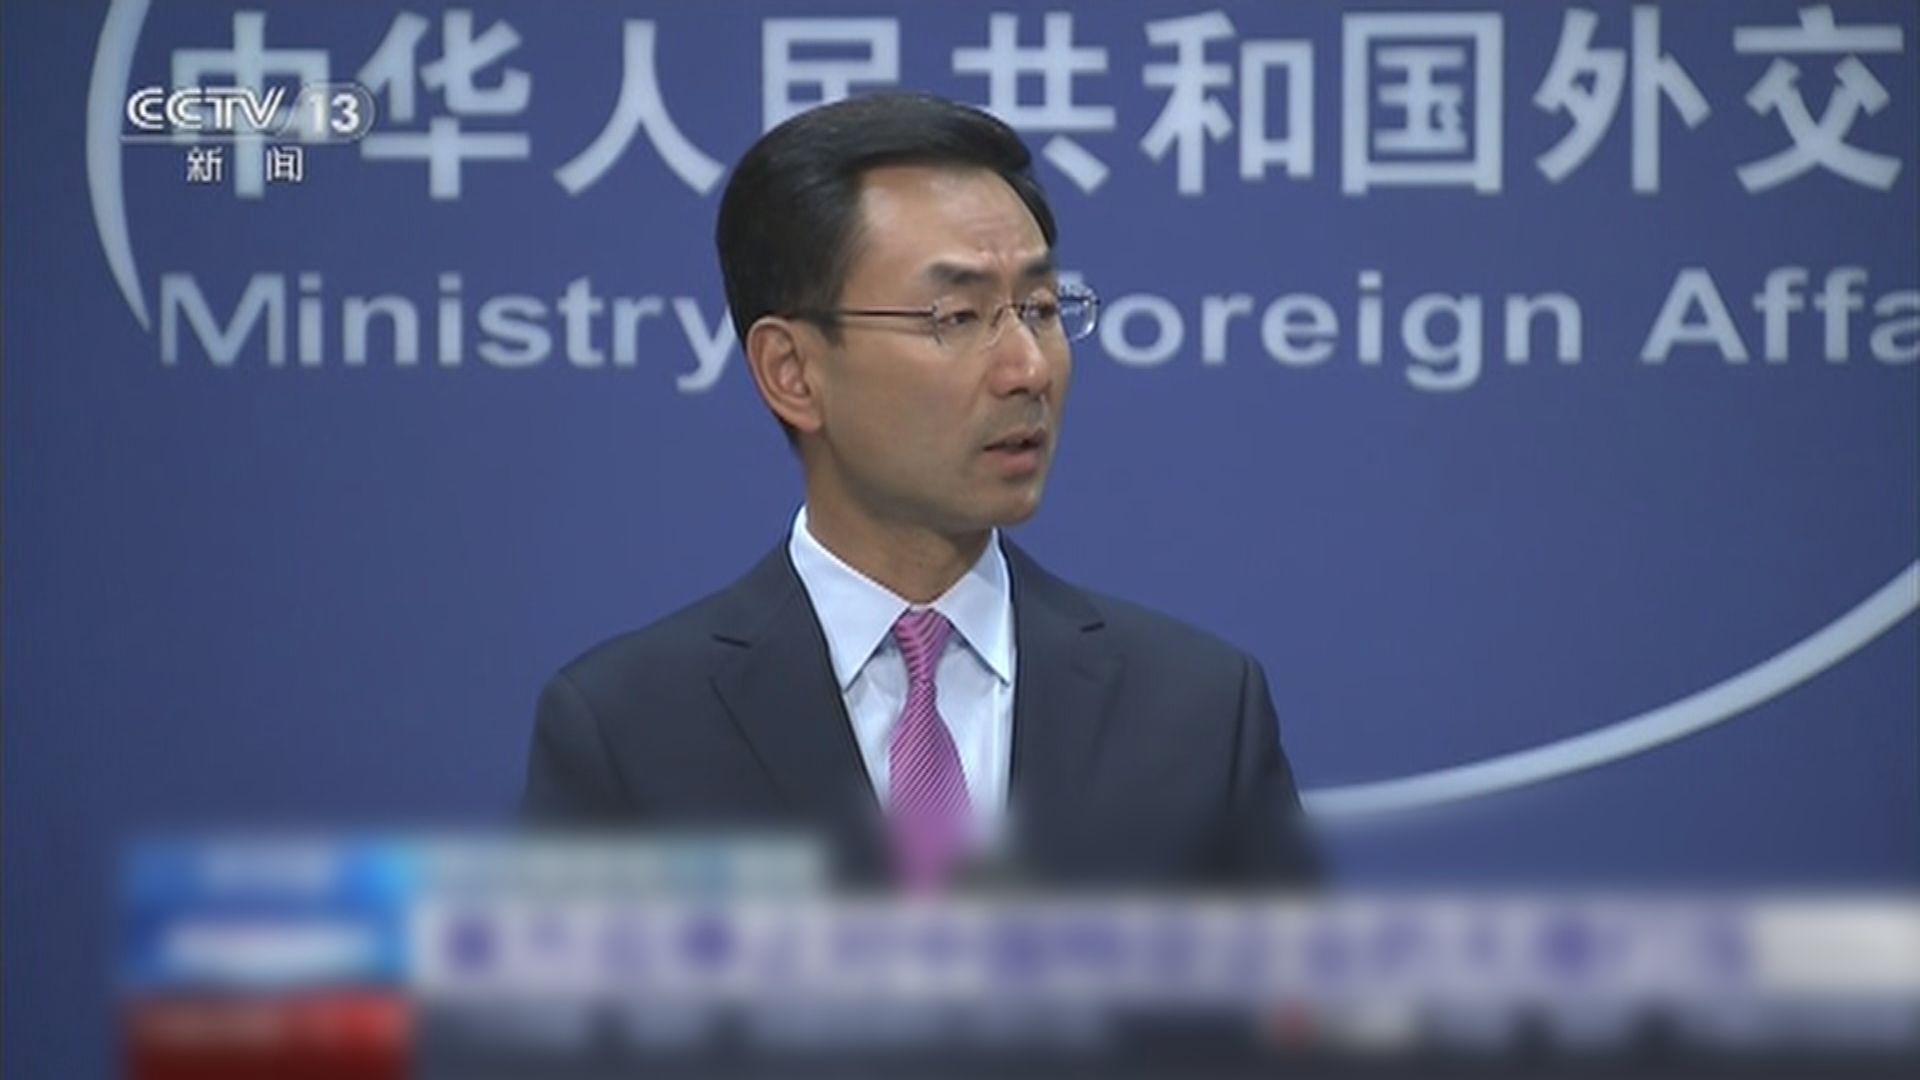 中國促美方停止無理打壓中國企業